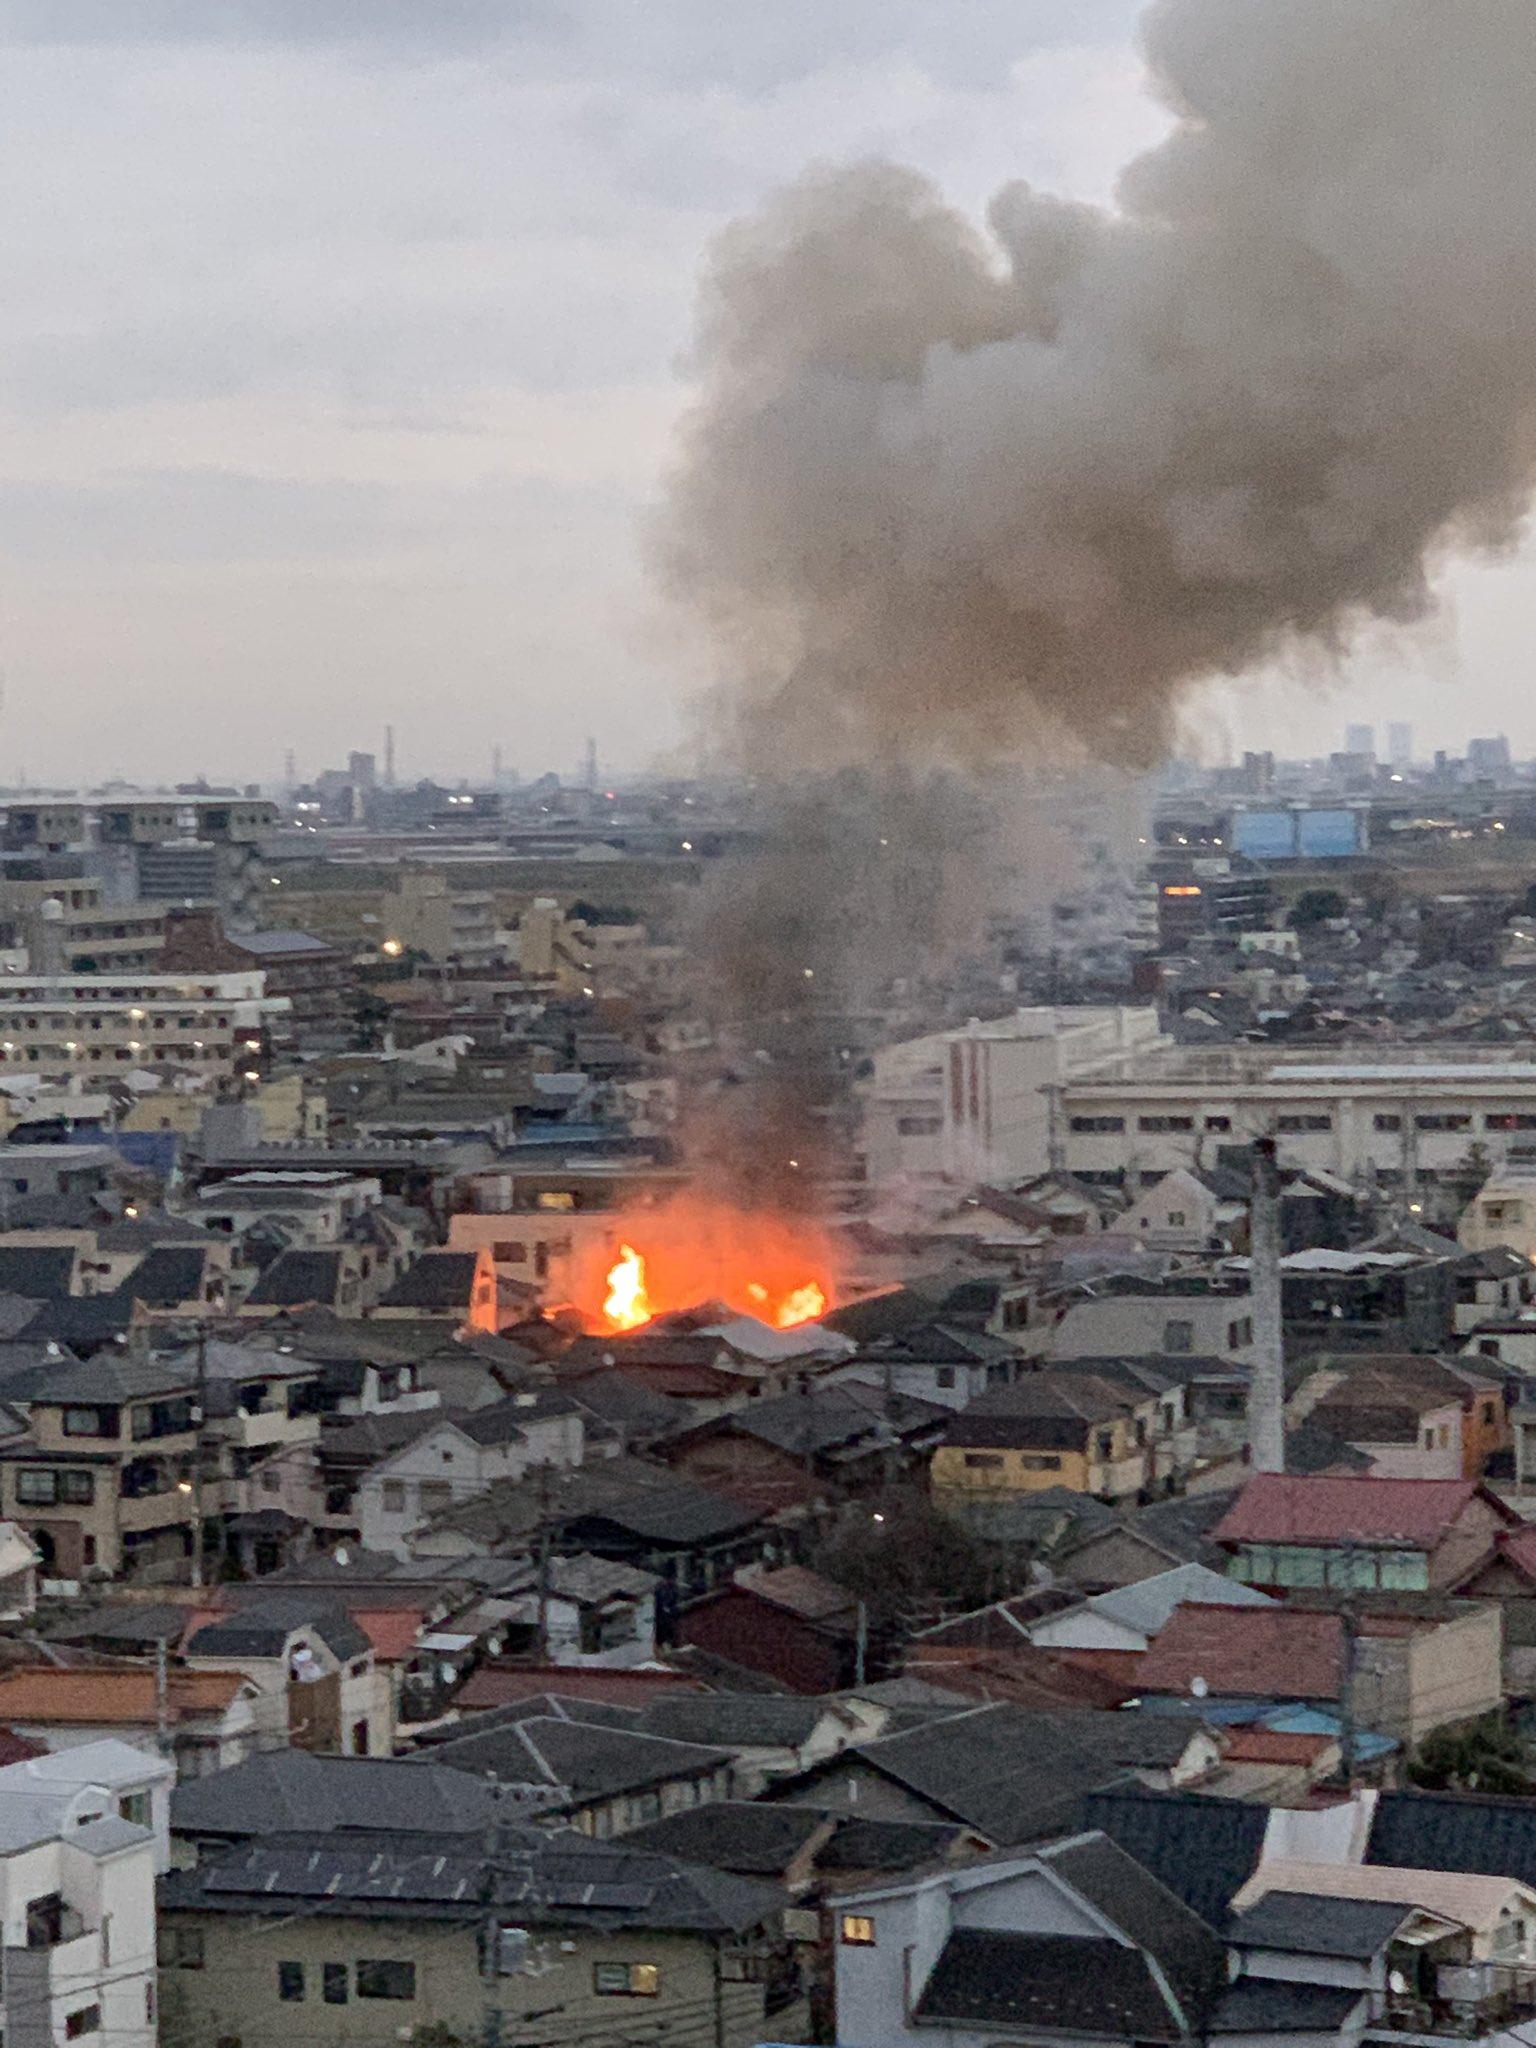 北区岩淵町の赤羽岩淵駅付近で火事が起きている現場の画像